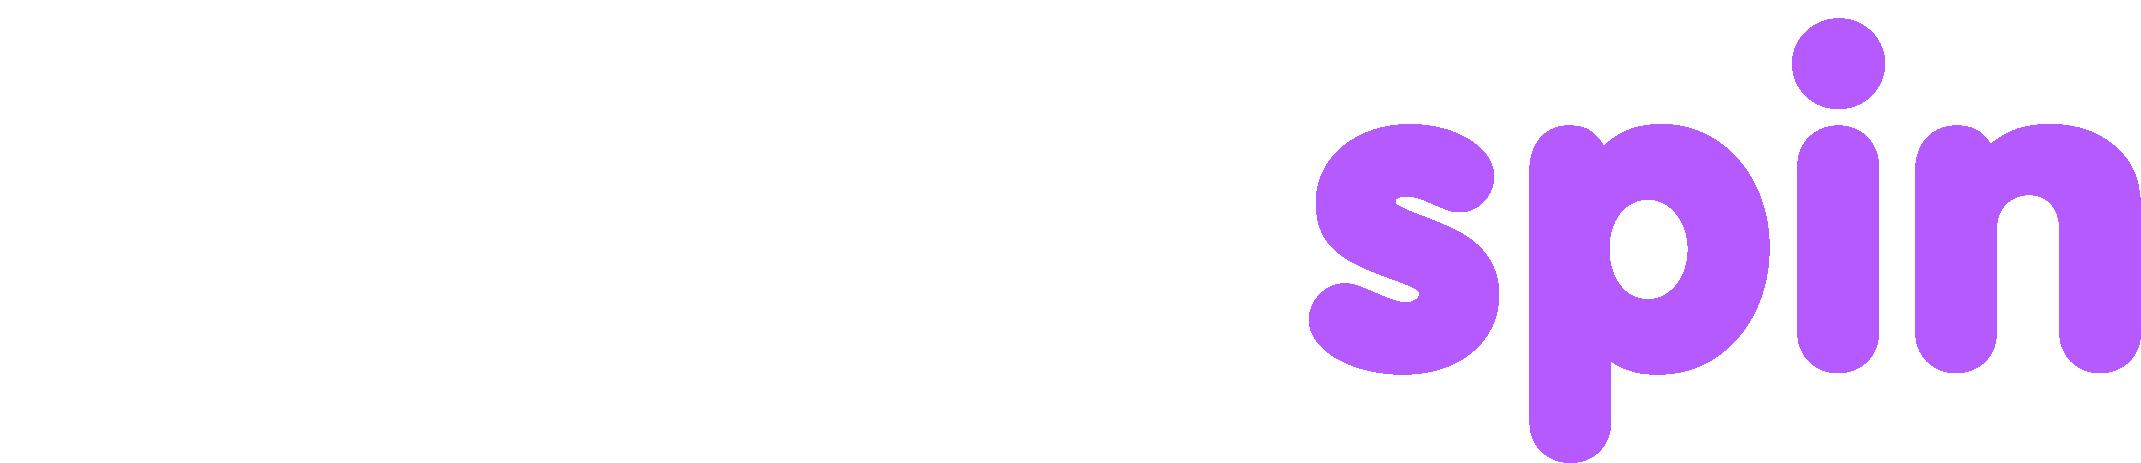 wespin logo